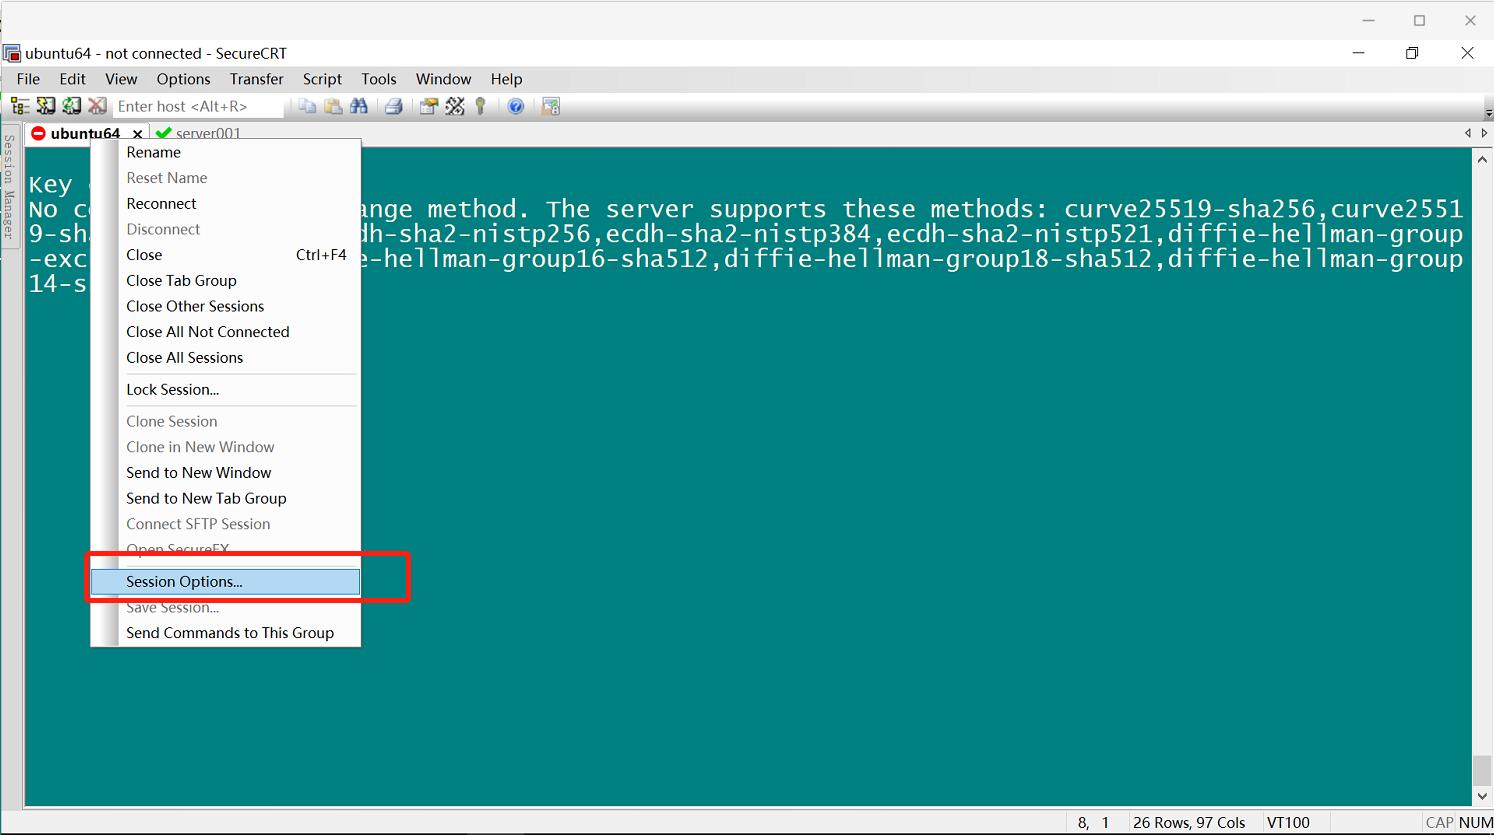 SecureCRT连接linux操作系统密钥交换失败解决方法 - 第6张  | 乐生活